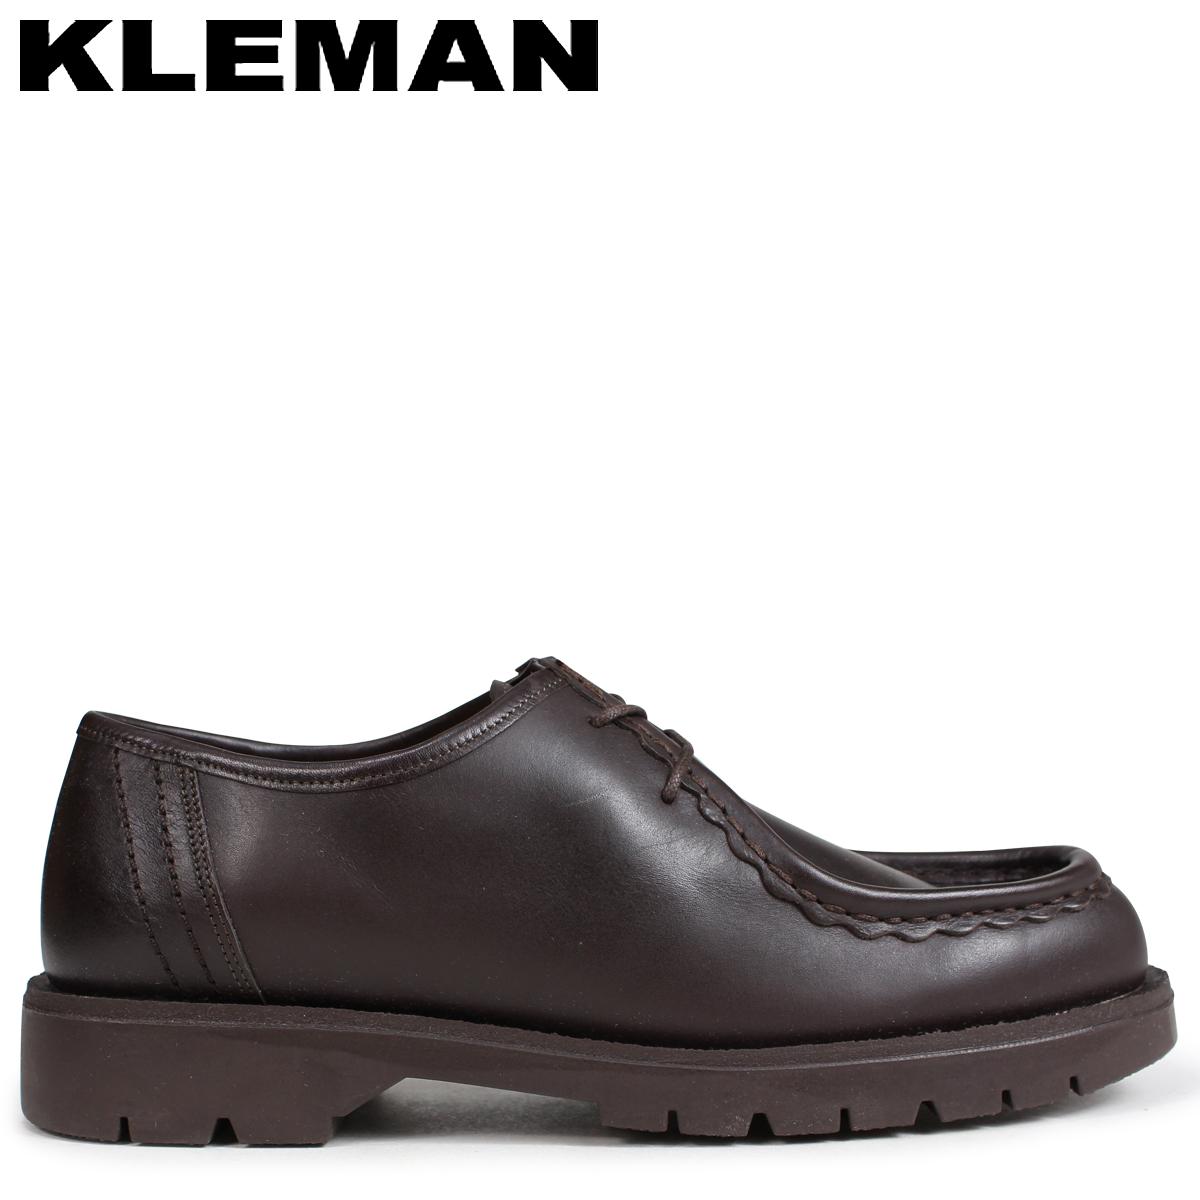 クレマン KLEMAN PADROR 靴 チロリアン シューズ メンズ TYROLEAN SHOES ブラウン VA72107 XA72507 [4/3 再入荷]